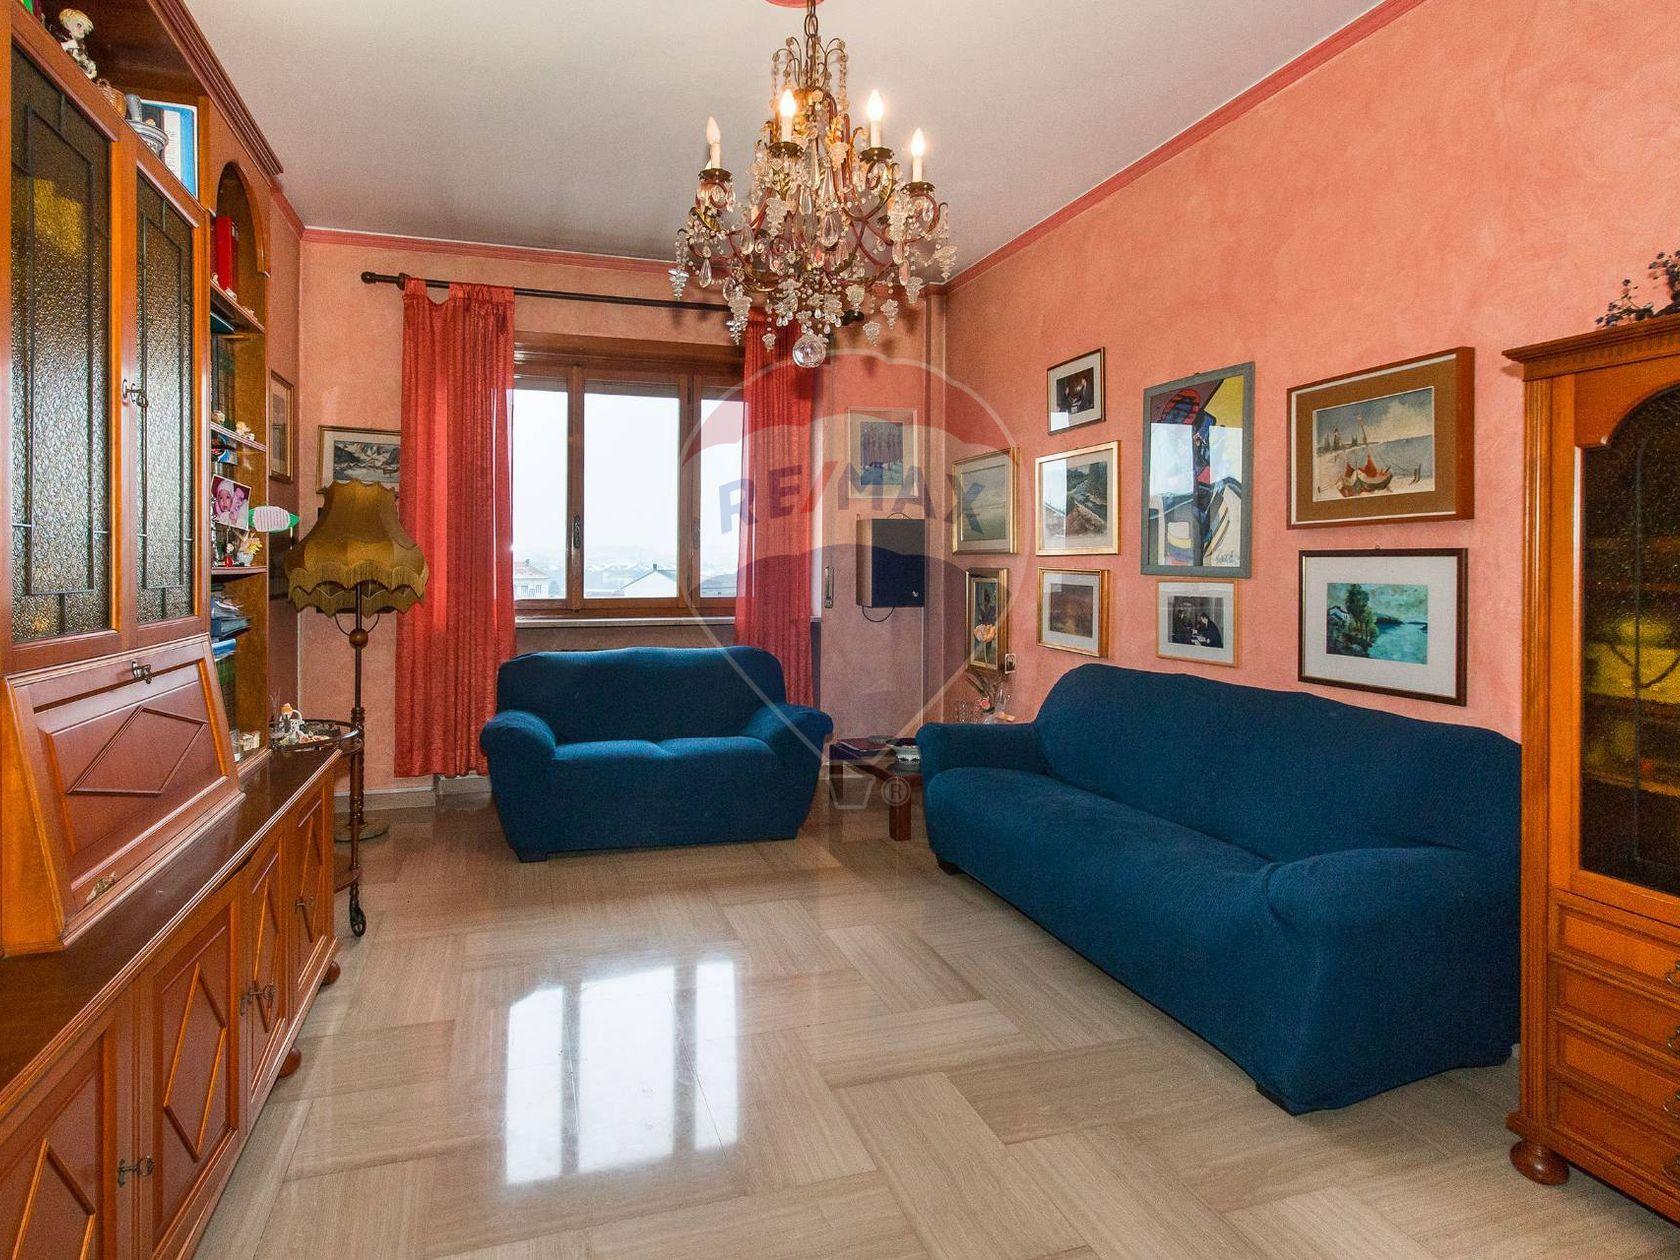 Appartamento San Pietro, Moncalieri, TO Vendita - Foto 10